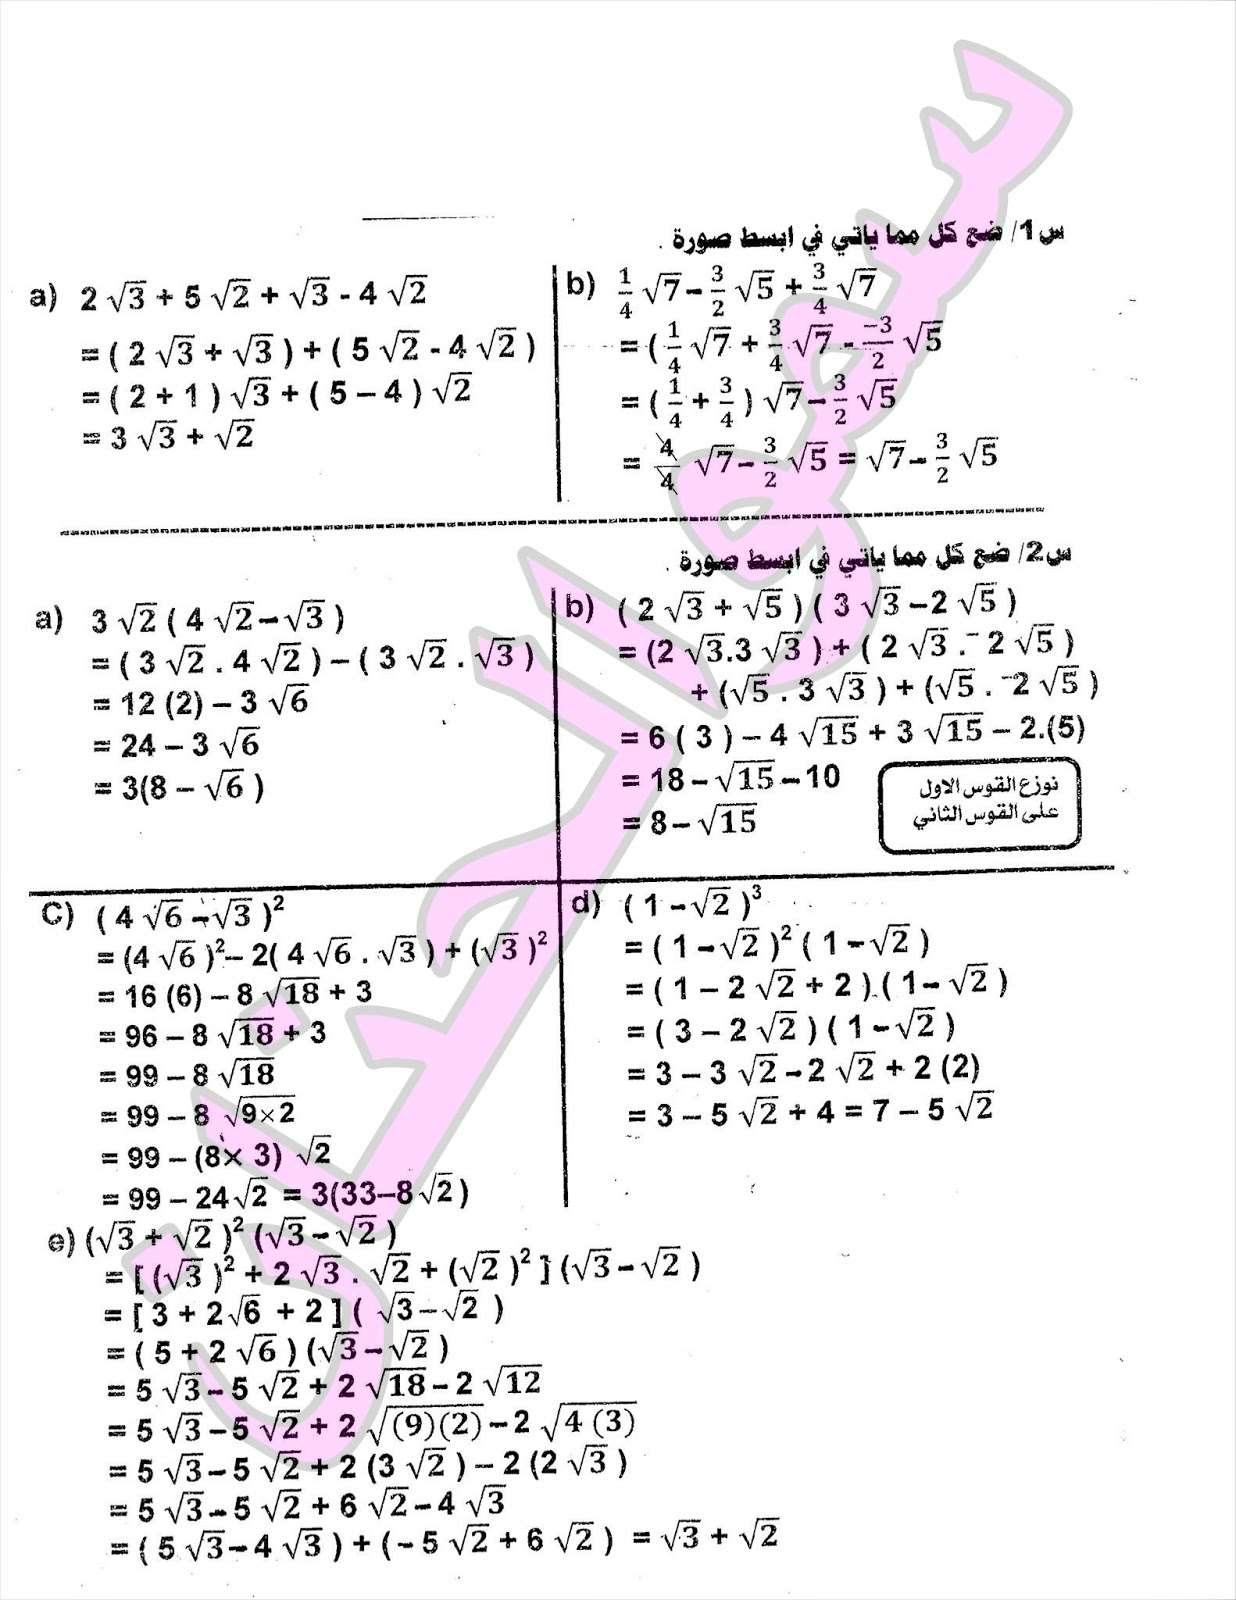 المراجعة المركزة وملخص لمادة الرياضيات للصف الثالث المتوسط 2017   الجزء 1 4410